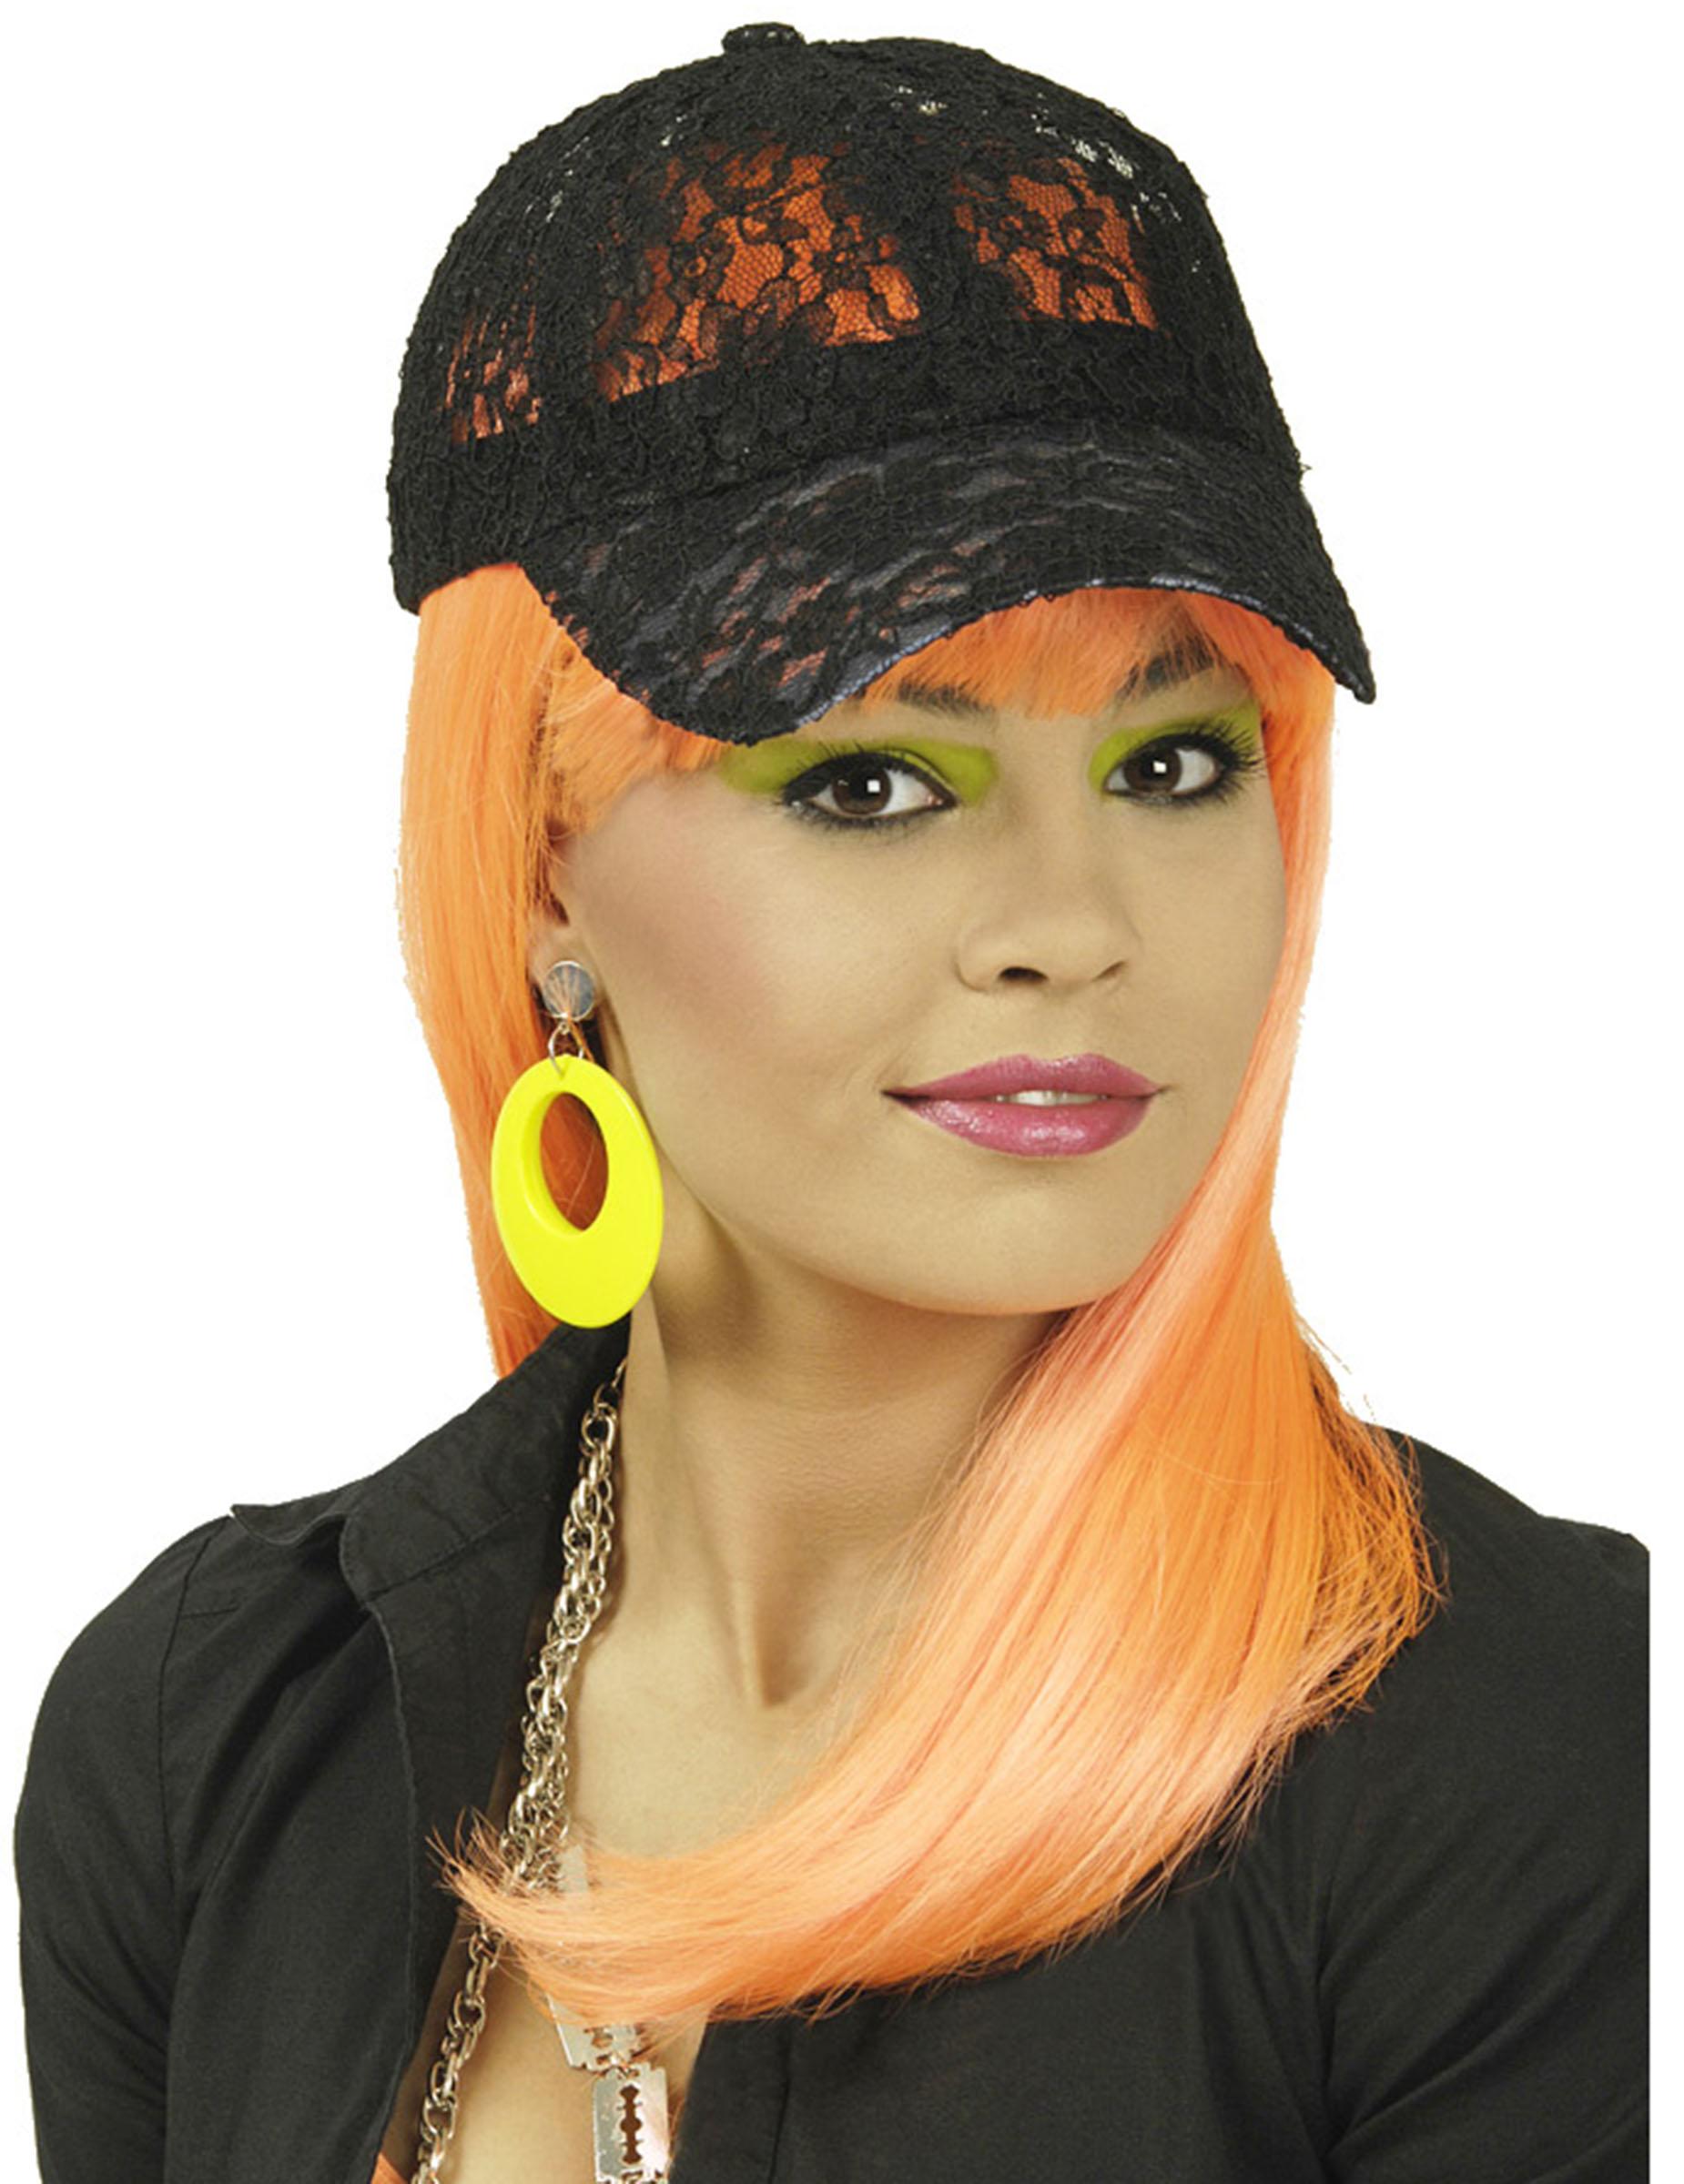 casquette dentelle noire femme achat de chapeaux sur. Black Bedroom Furniture Sets. Home Design Ideas